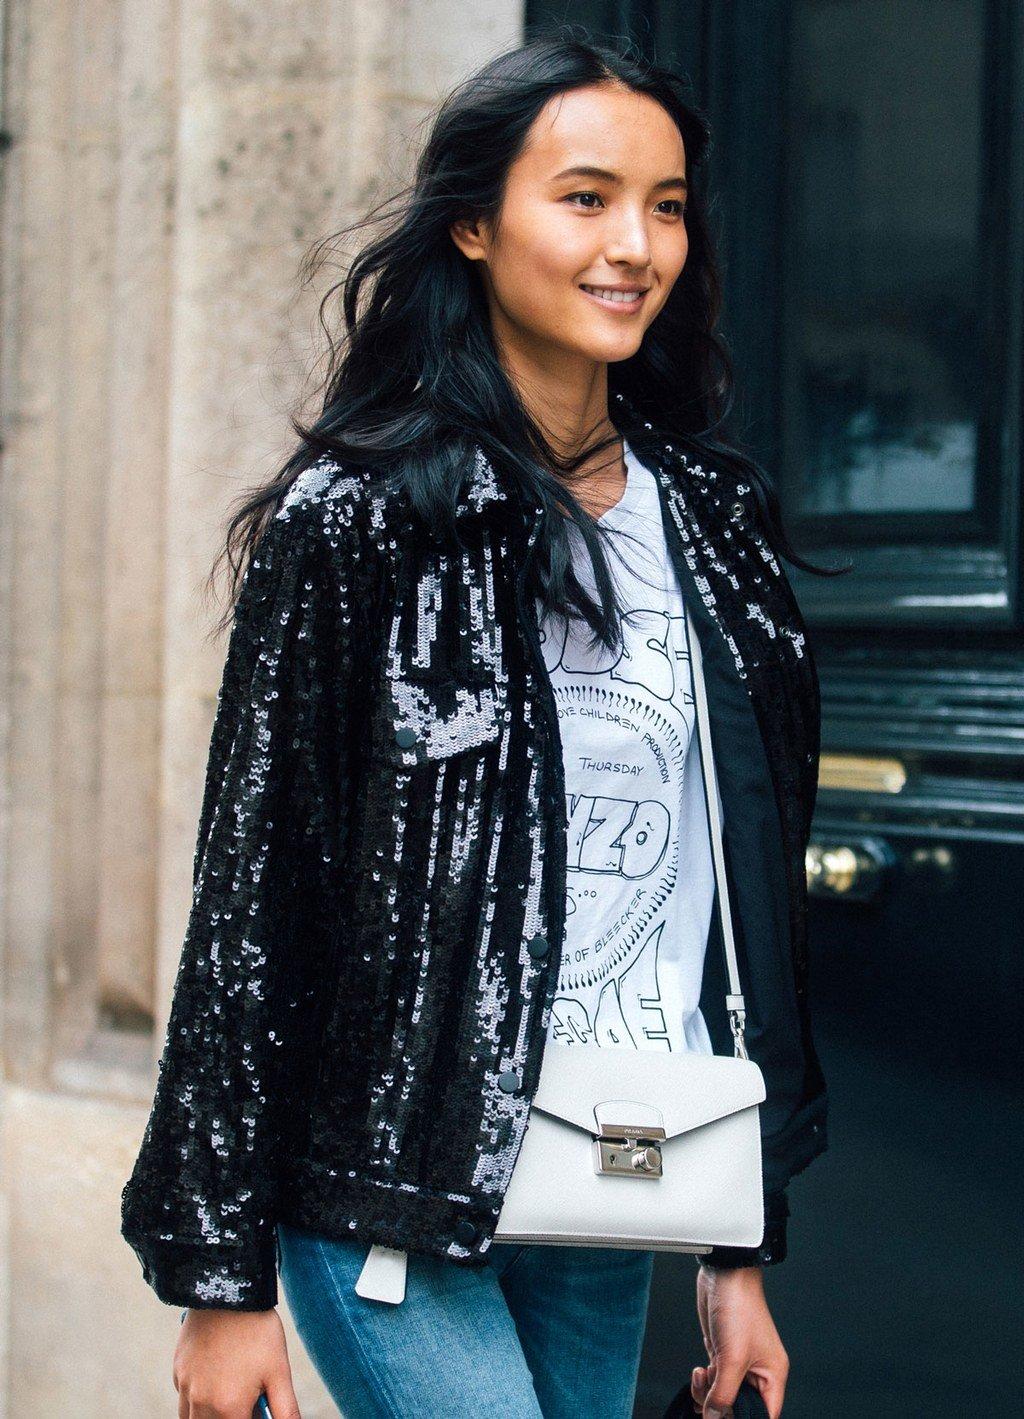 luping-wang-paris-fashion-week-2017-getty